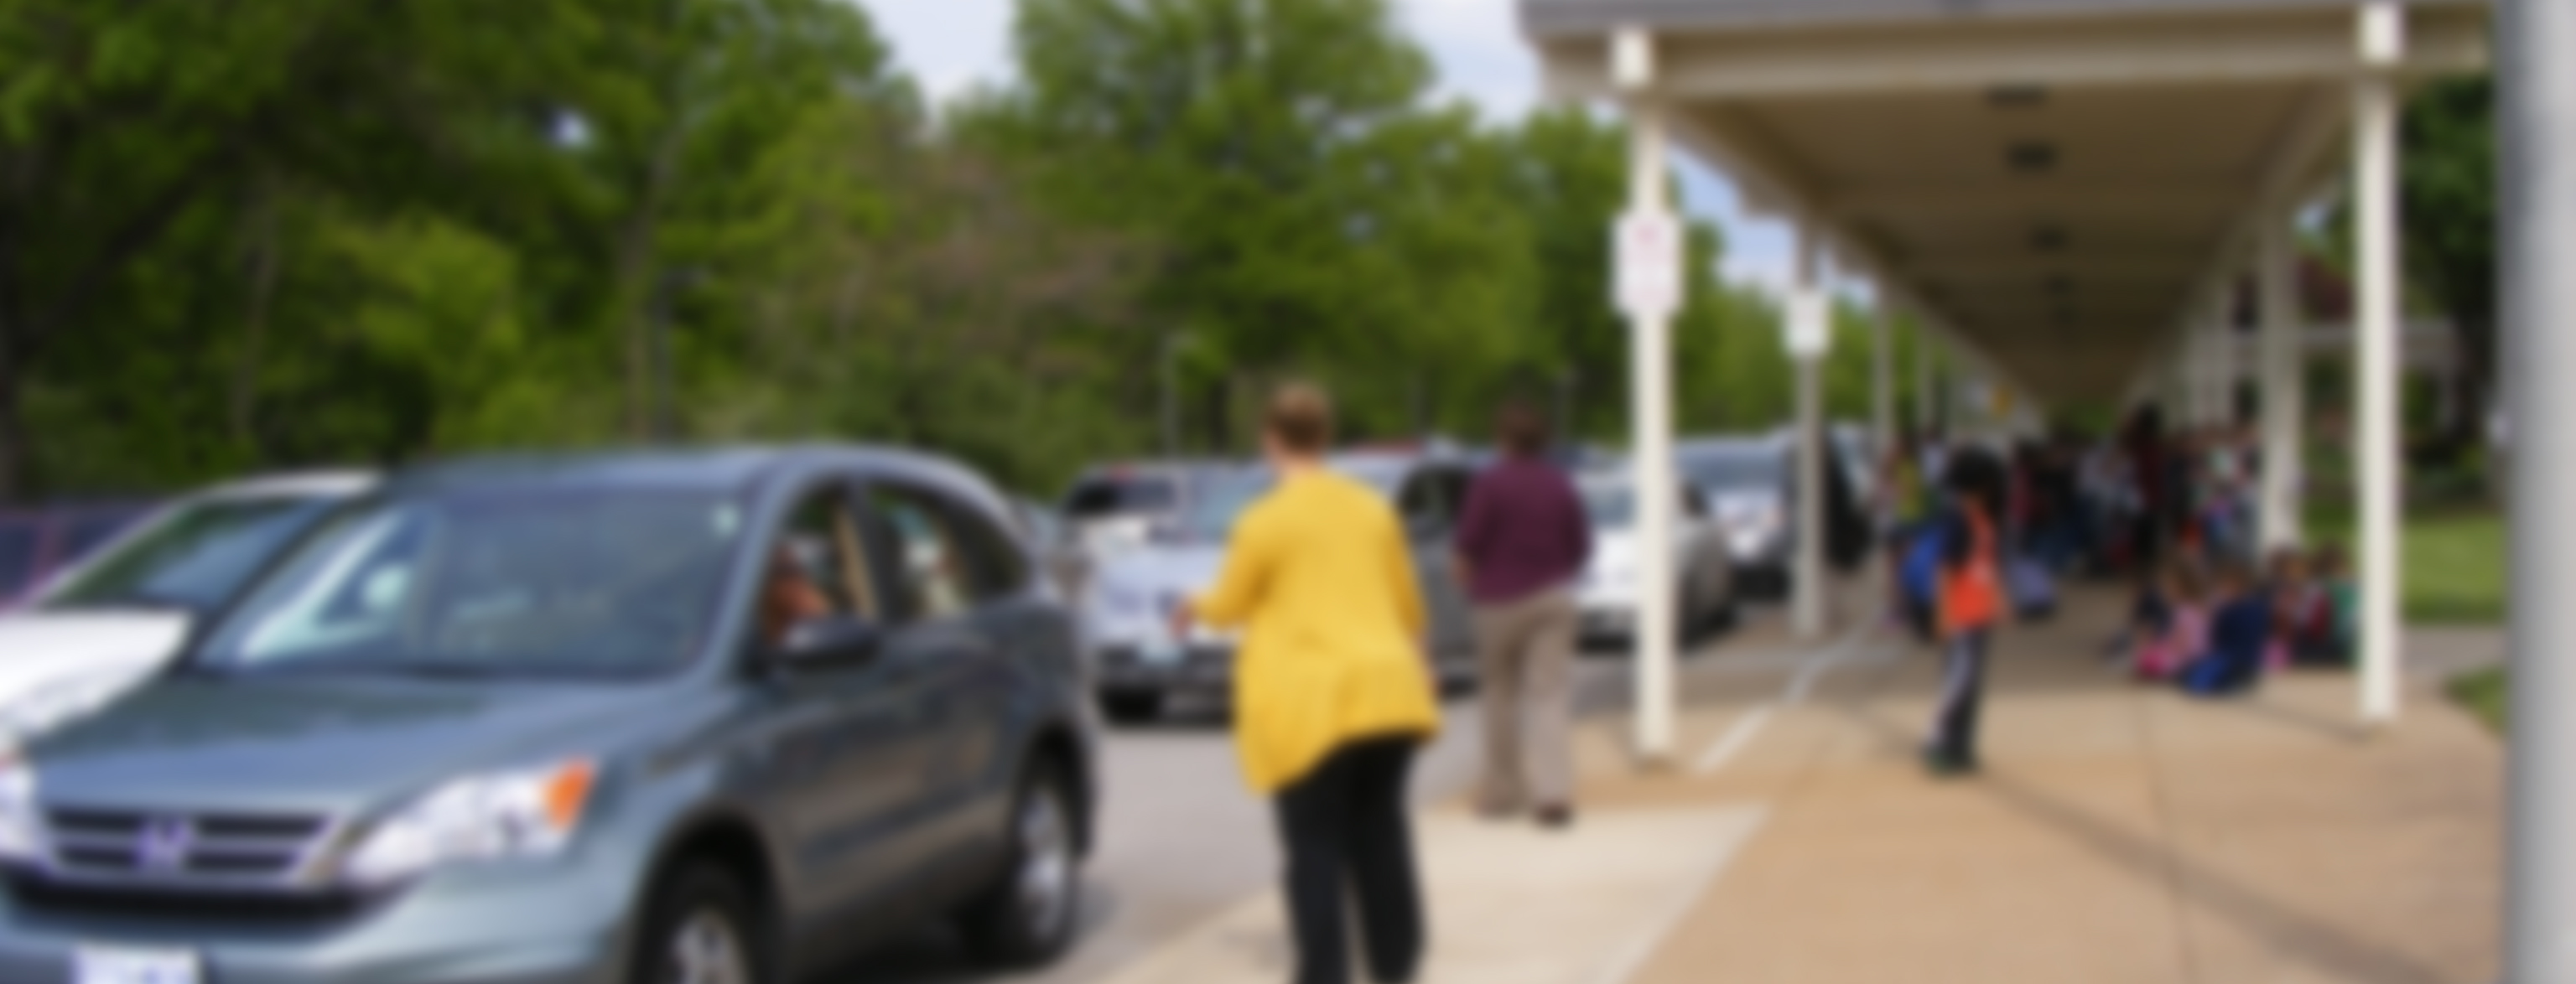 Parent-Pick-Up-Line